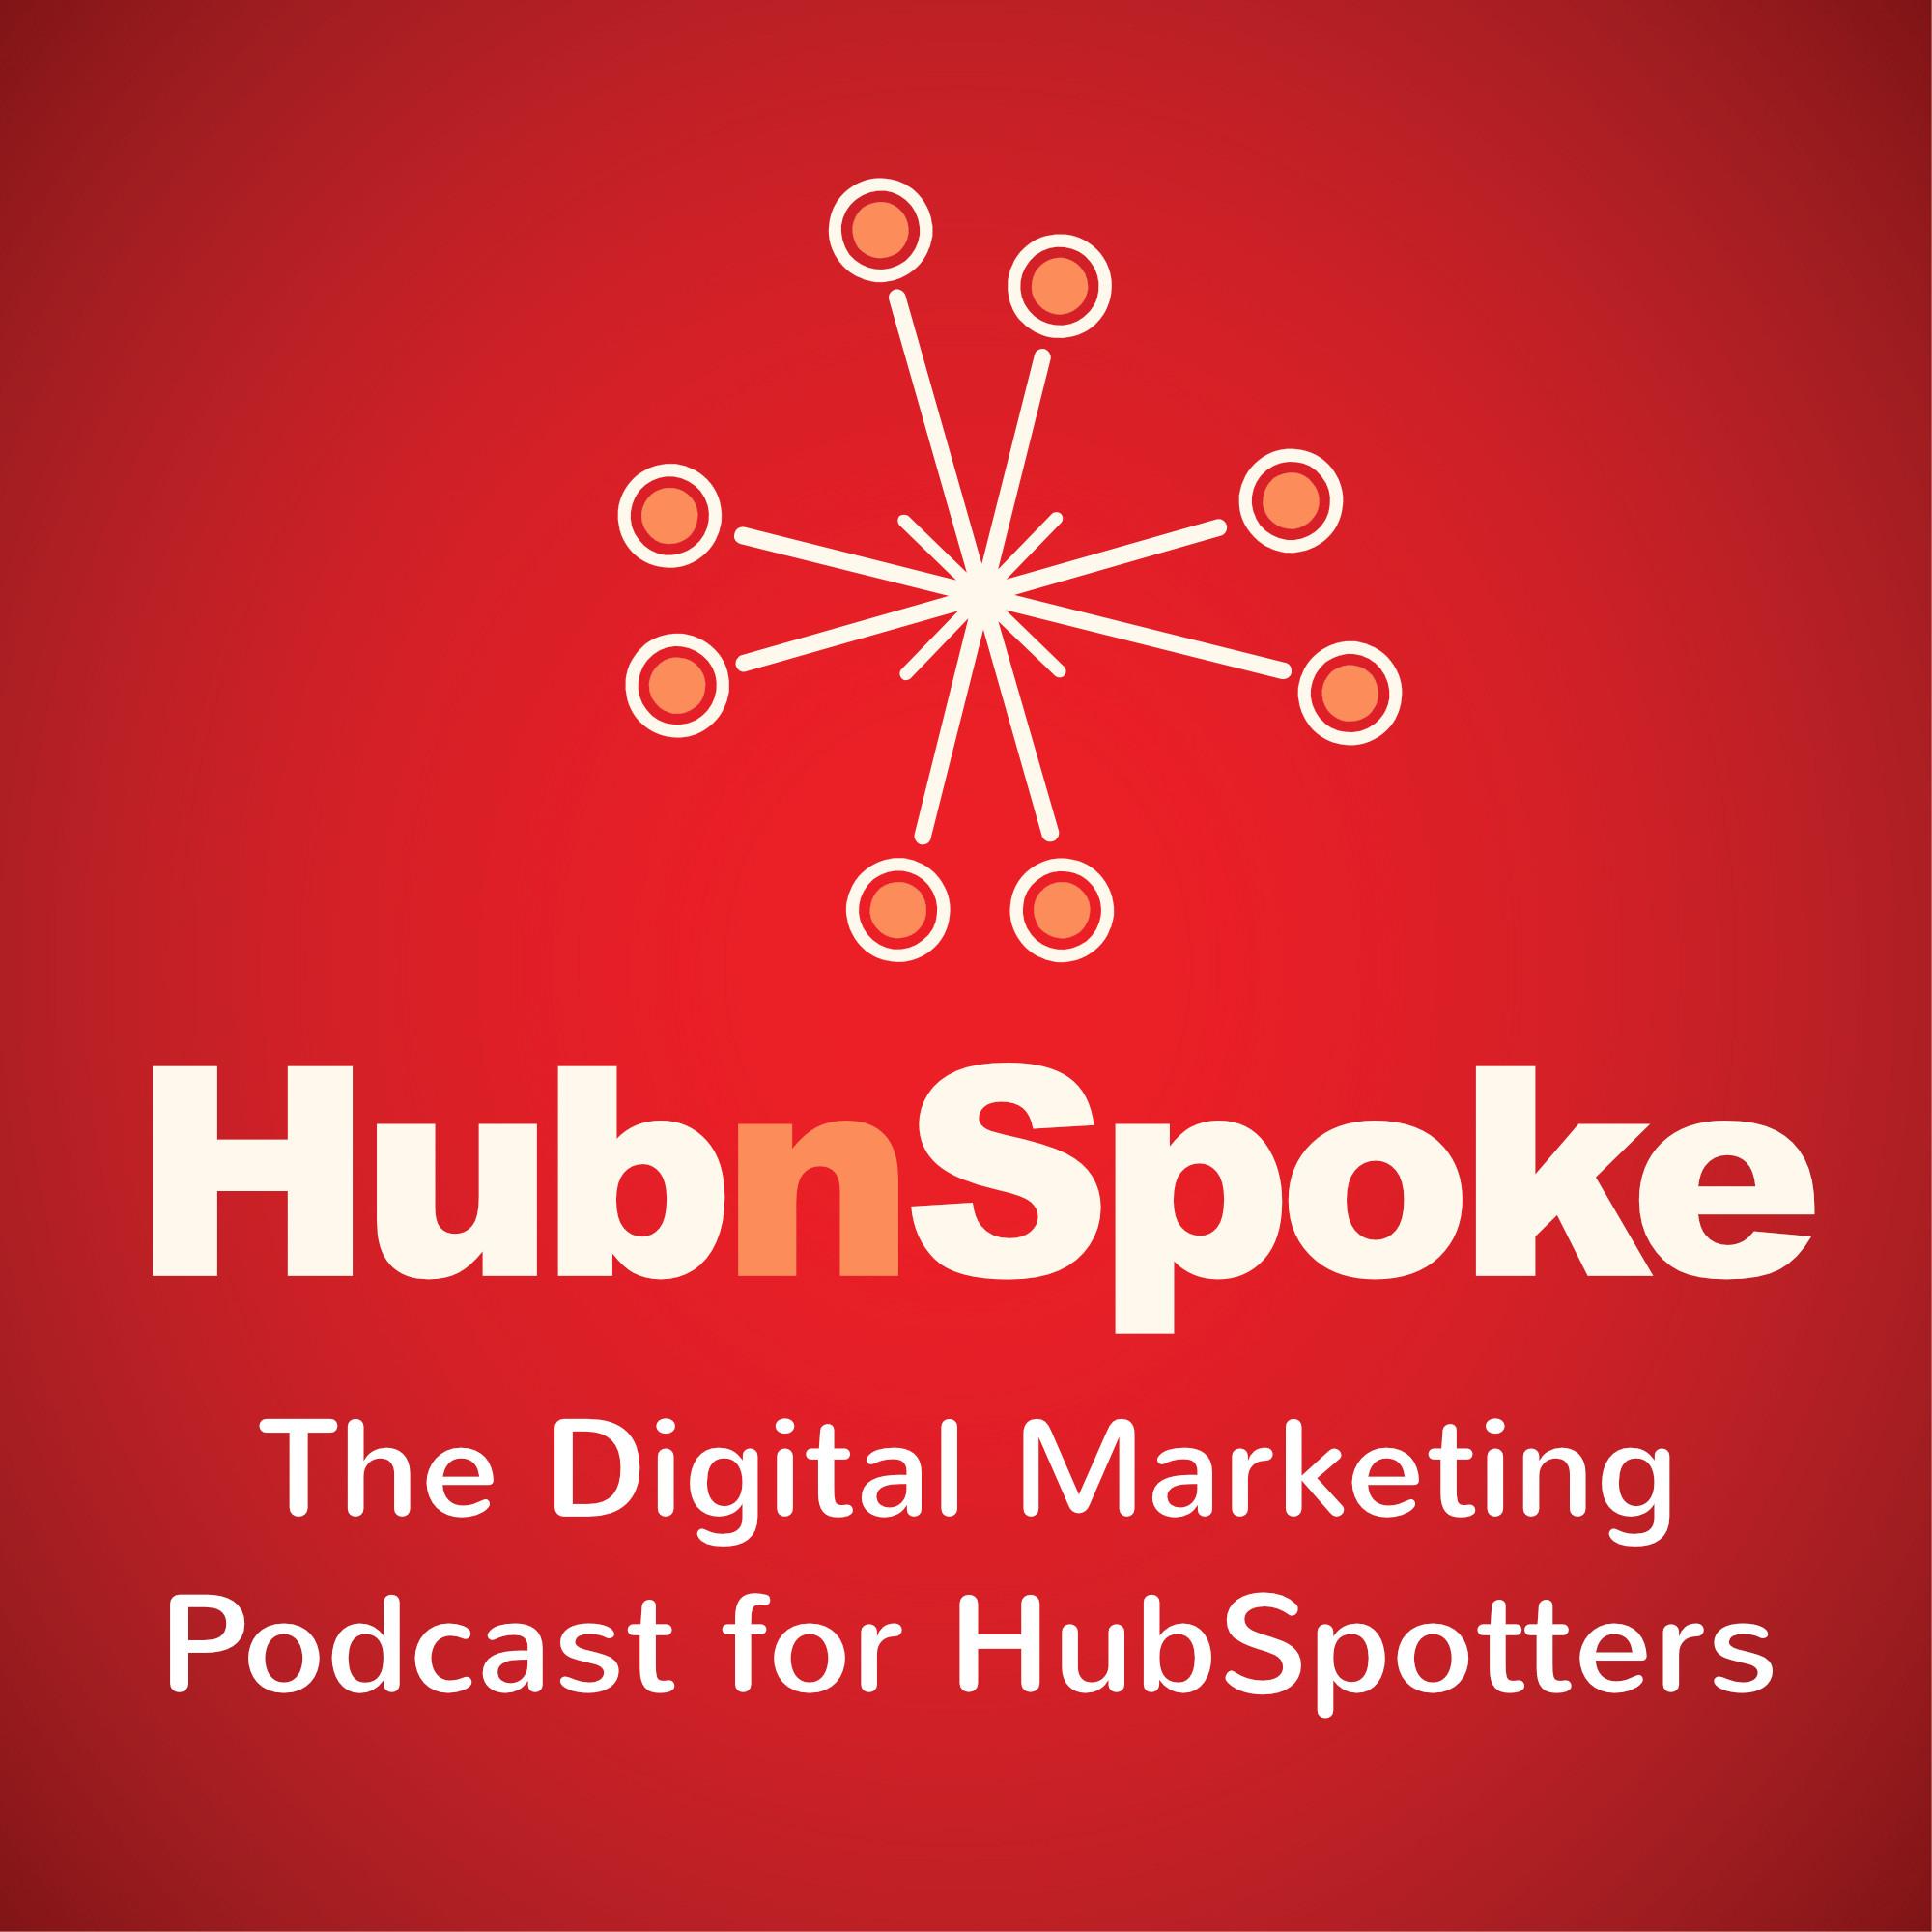 HubnSpoke | HubSpotting with Adam Steinhardt and Zaahn Johnson show art